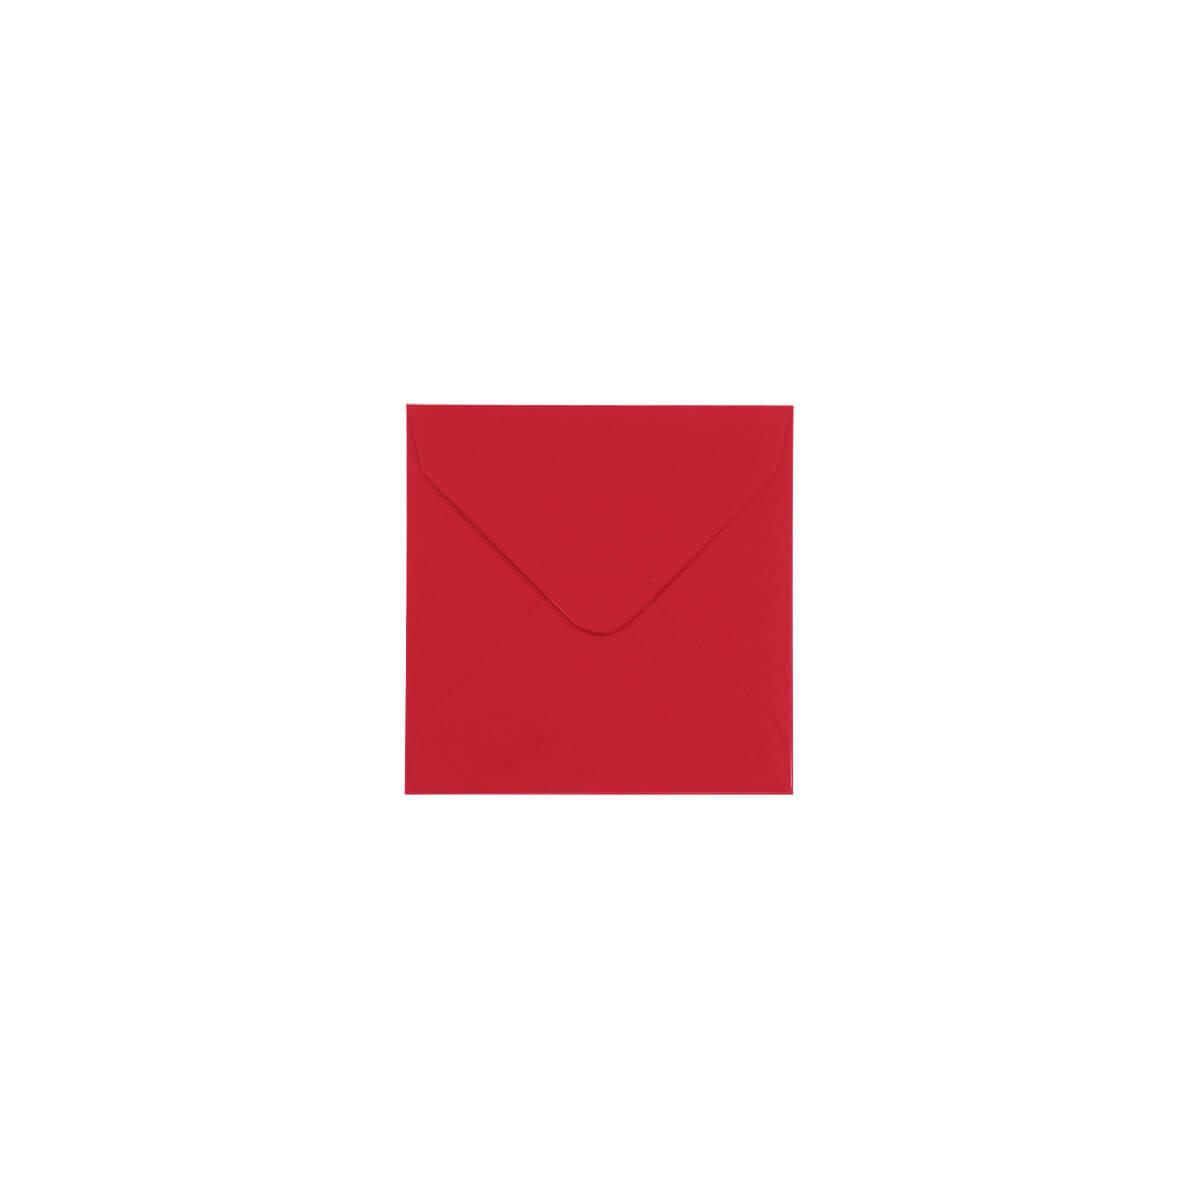 SCARLET RED 100mm SQUARE ENVELOPES